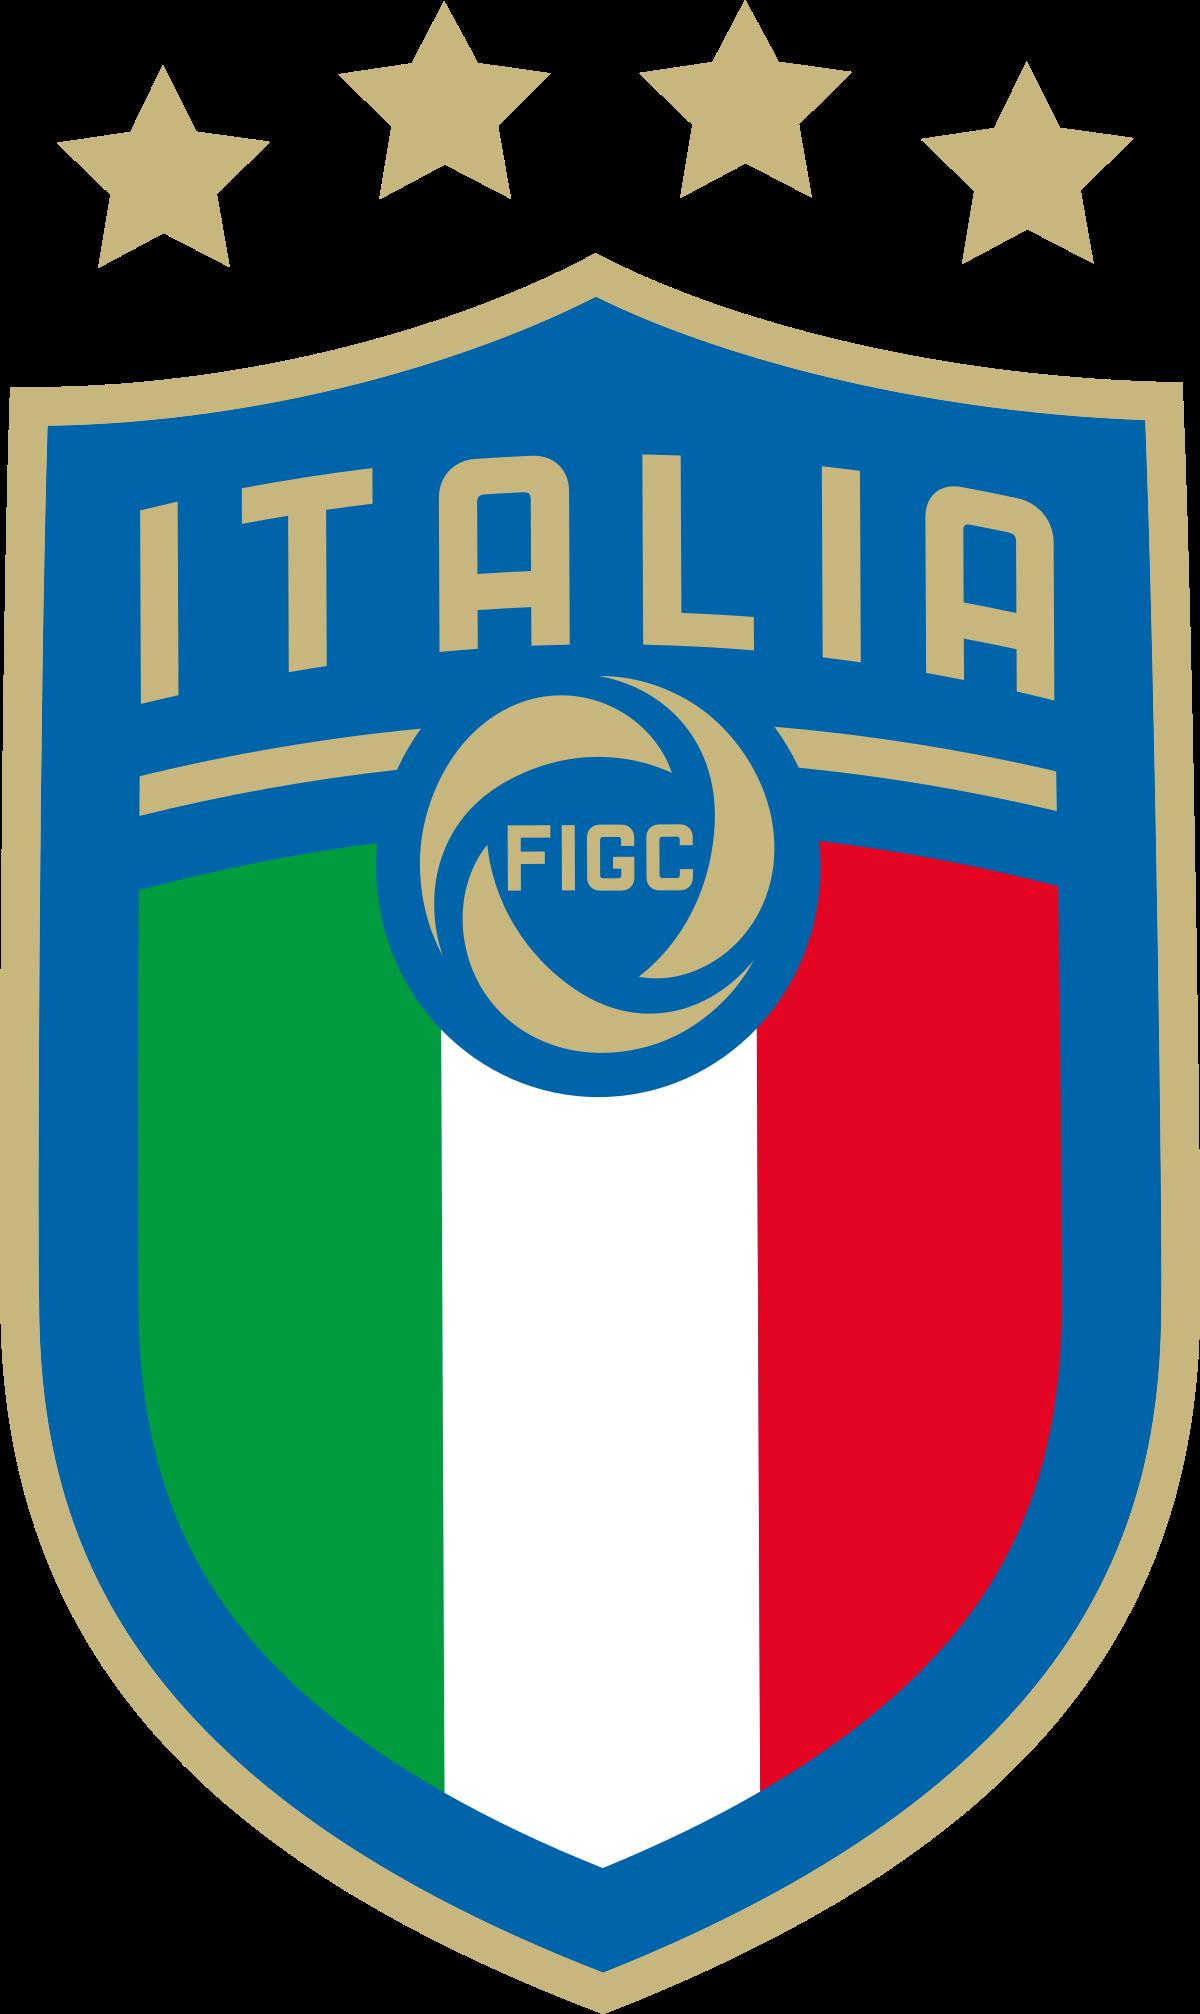 Italy U-17 W logo